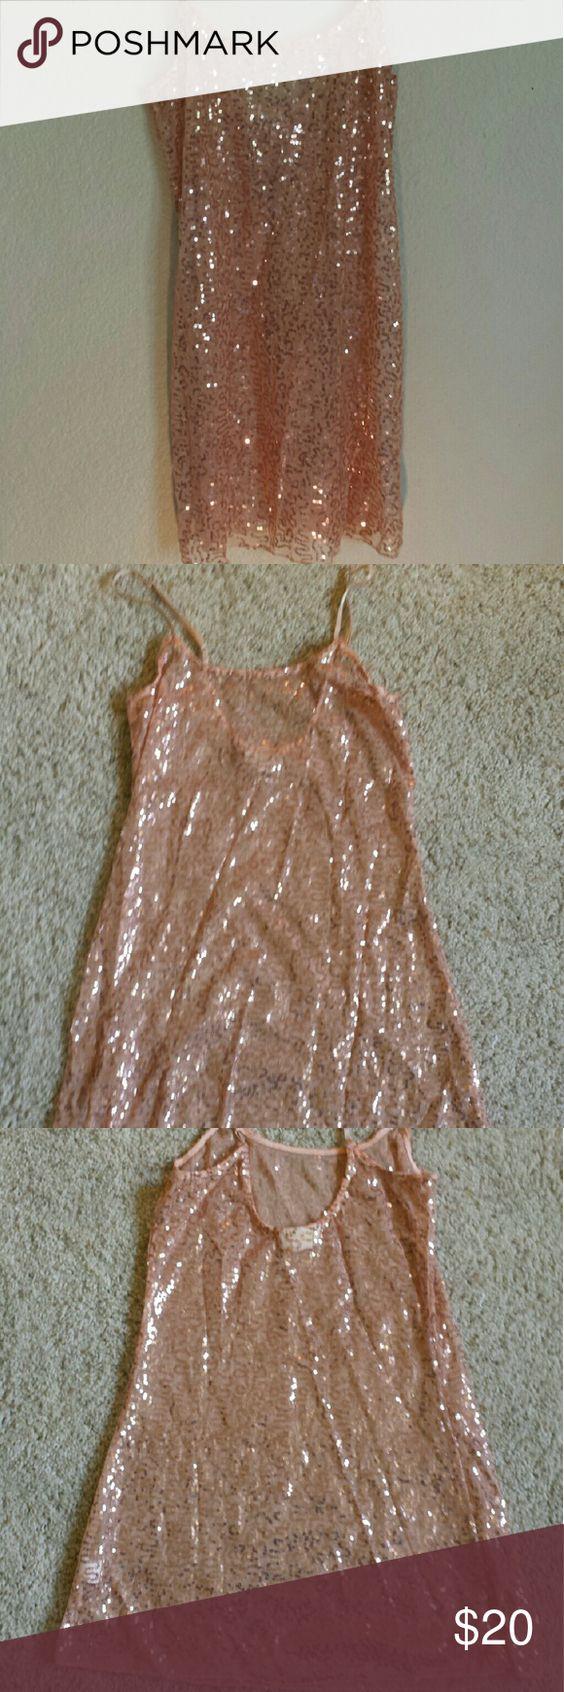 Belle Du Jour sequin top Belle De Tour sequin top, super cute great conditon. Size M. Belle Du Jour Tops Camisoles